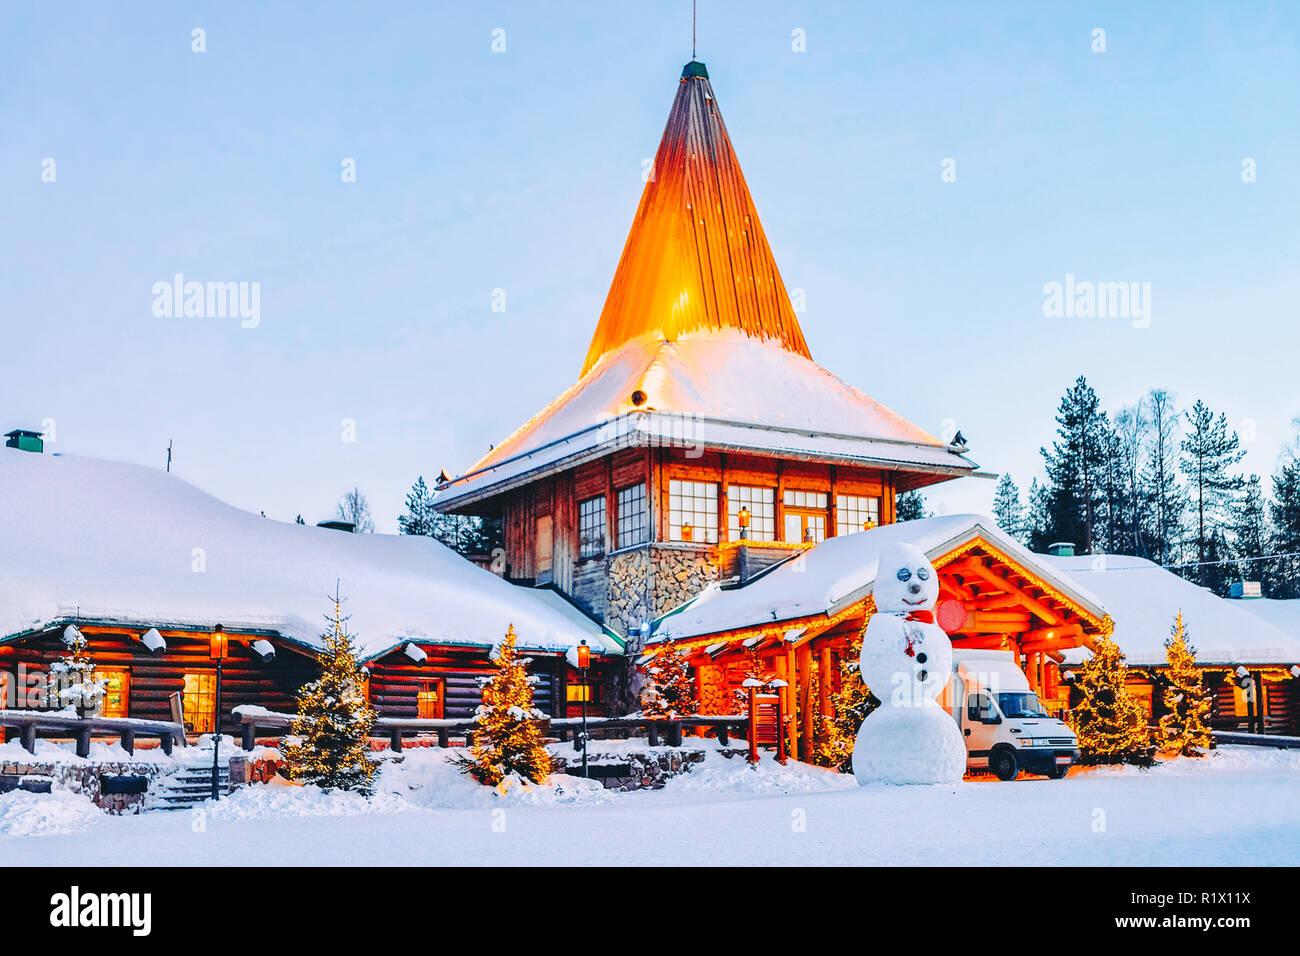 Villaggio Di Babbo Natale In Lapponia.Pupazzo Di Neve A Santa Ufficio Nel Villaggio Di Babbo